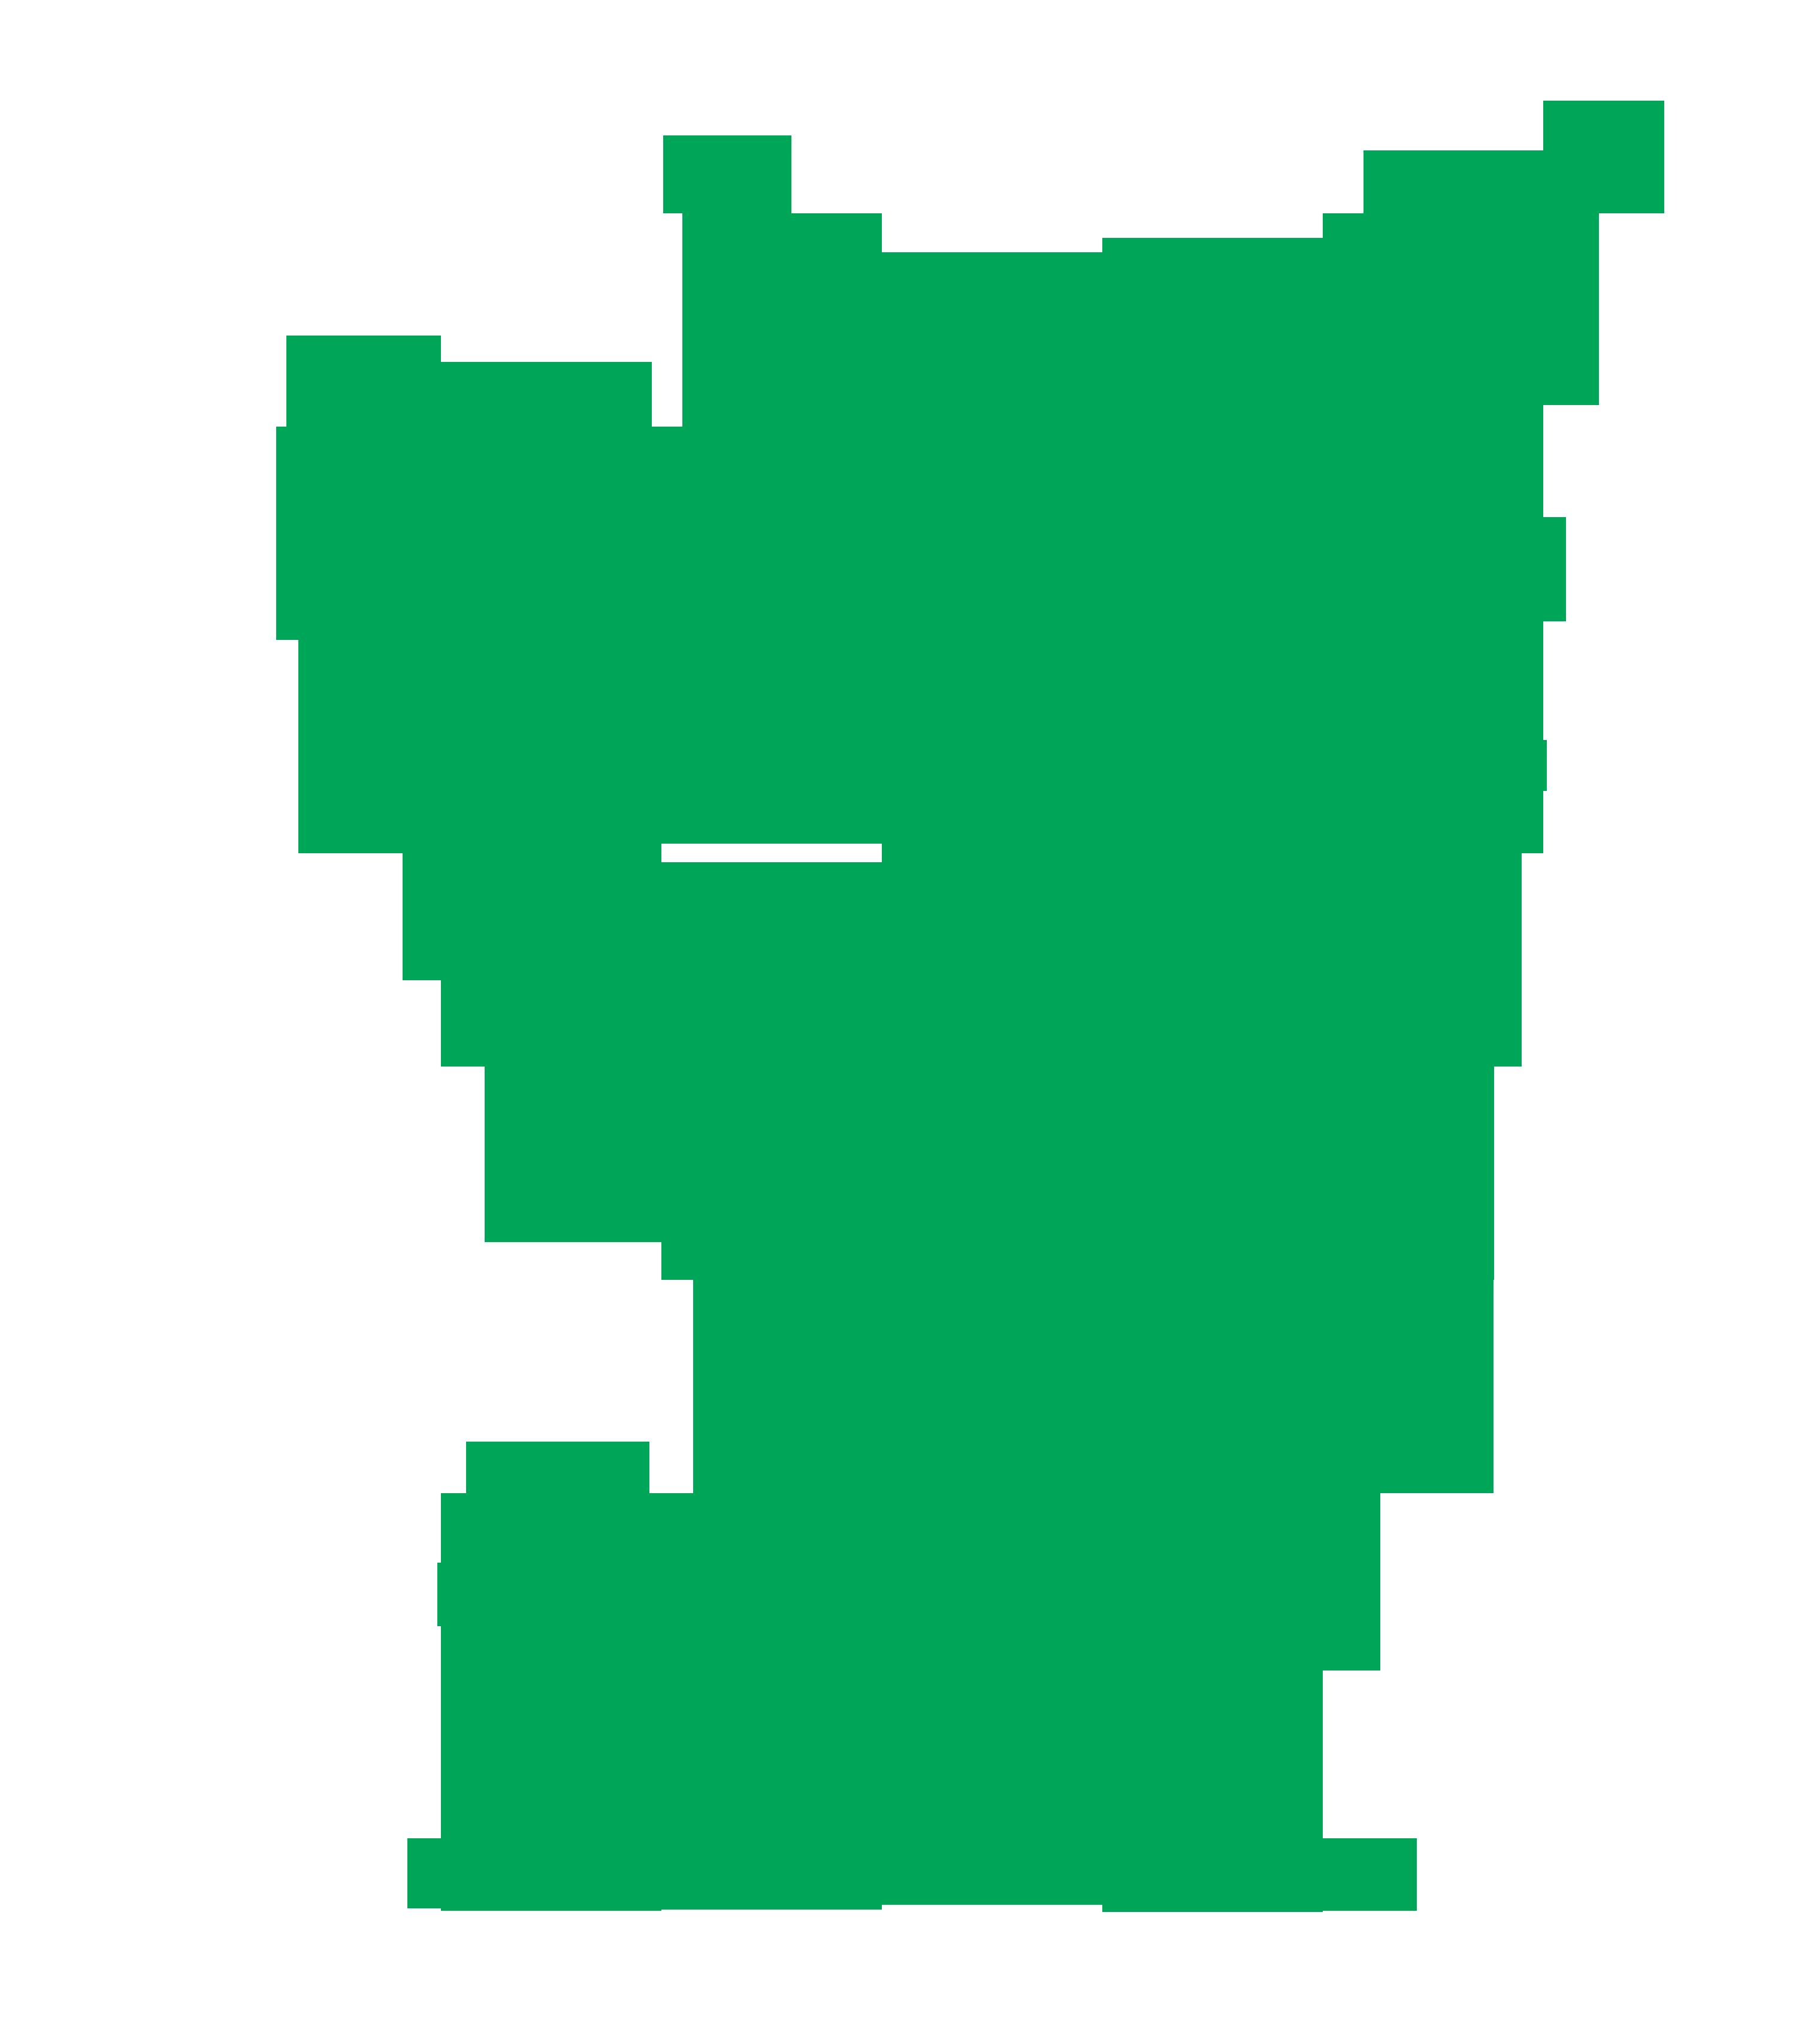 مرجع خرید و فروش کیسه نانو-آراد نانو